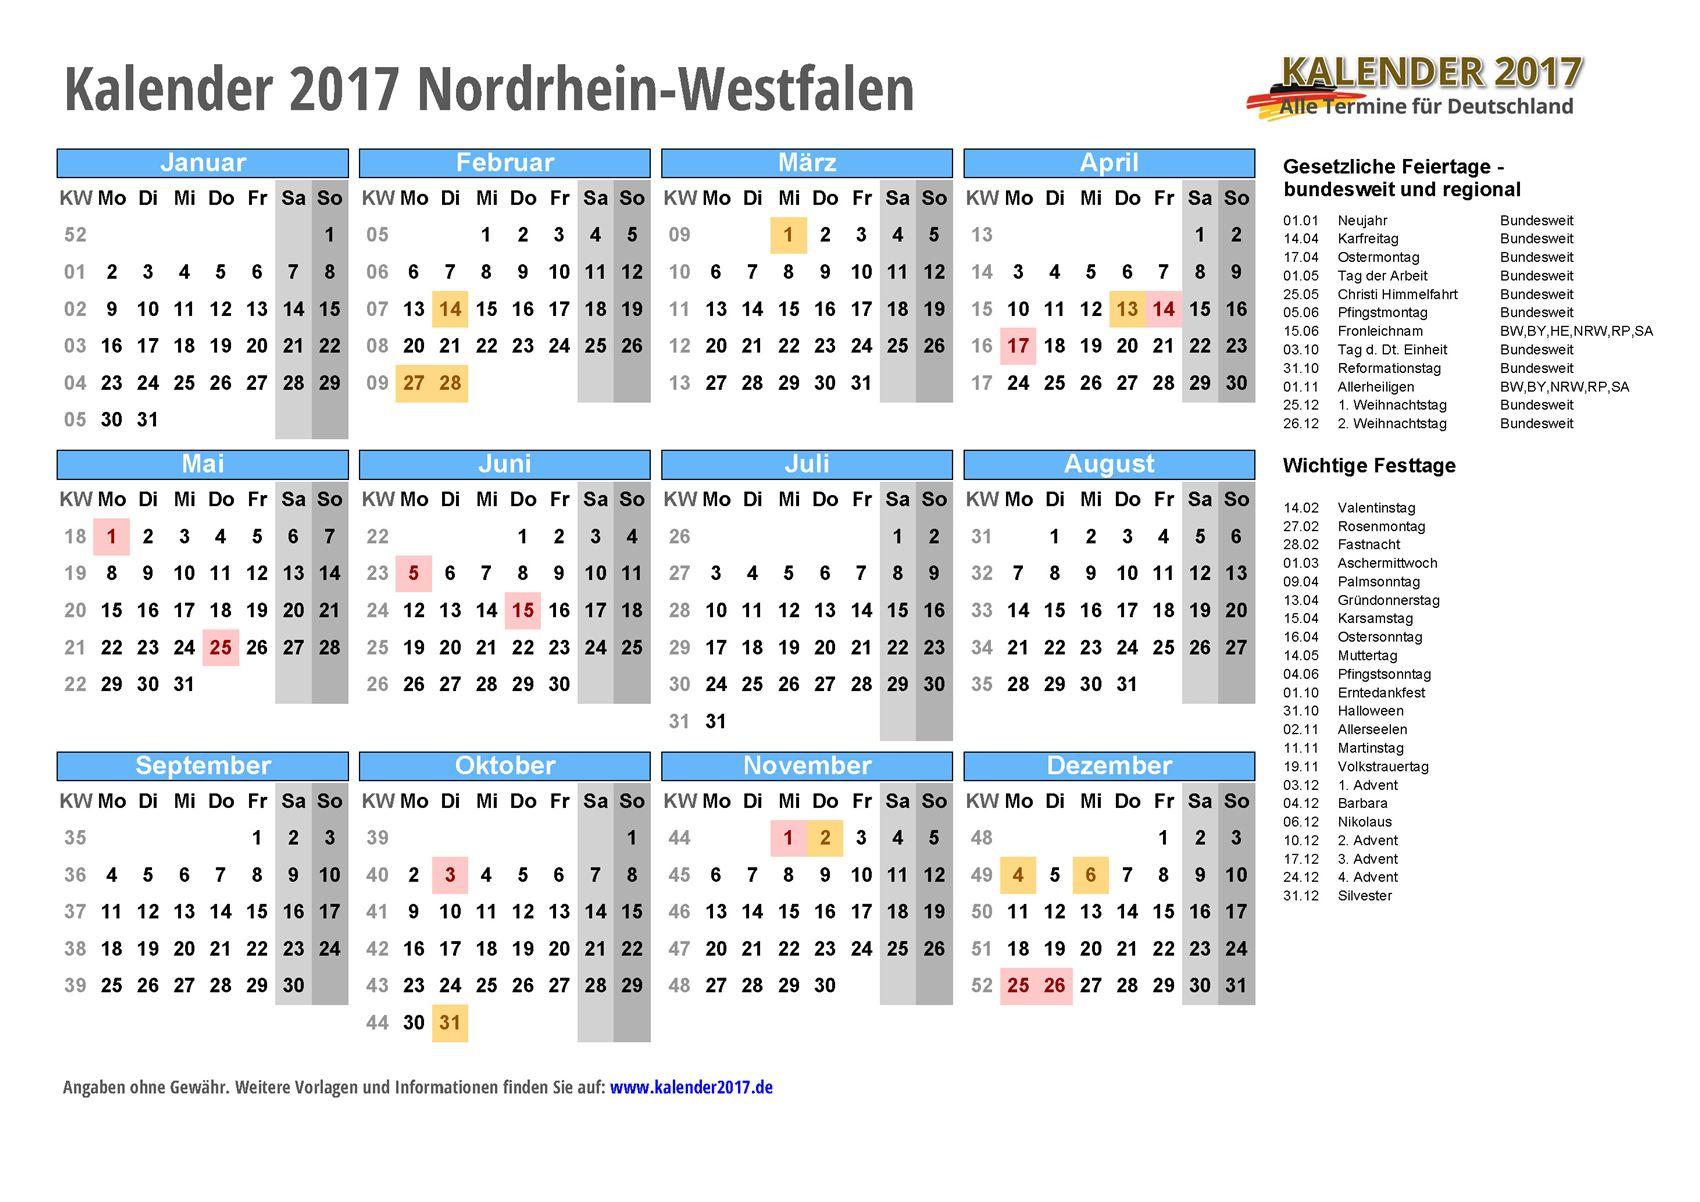 KALENDER 2017 NRW mit